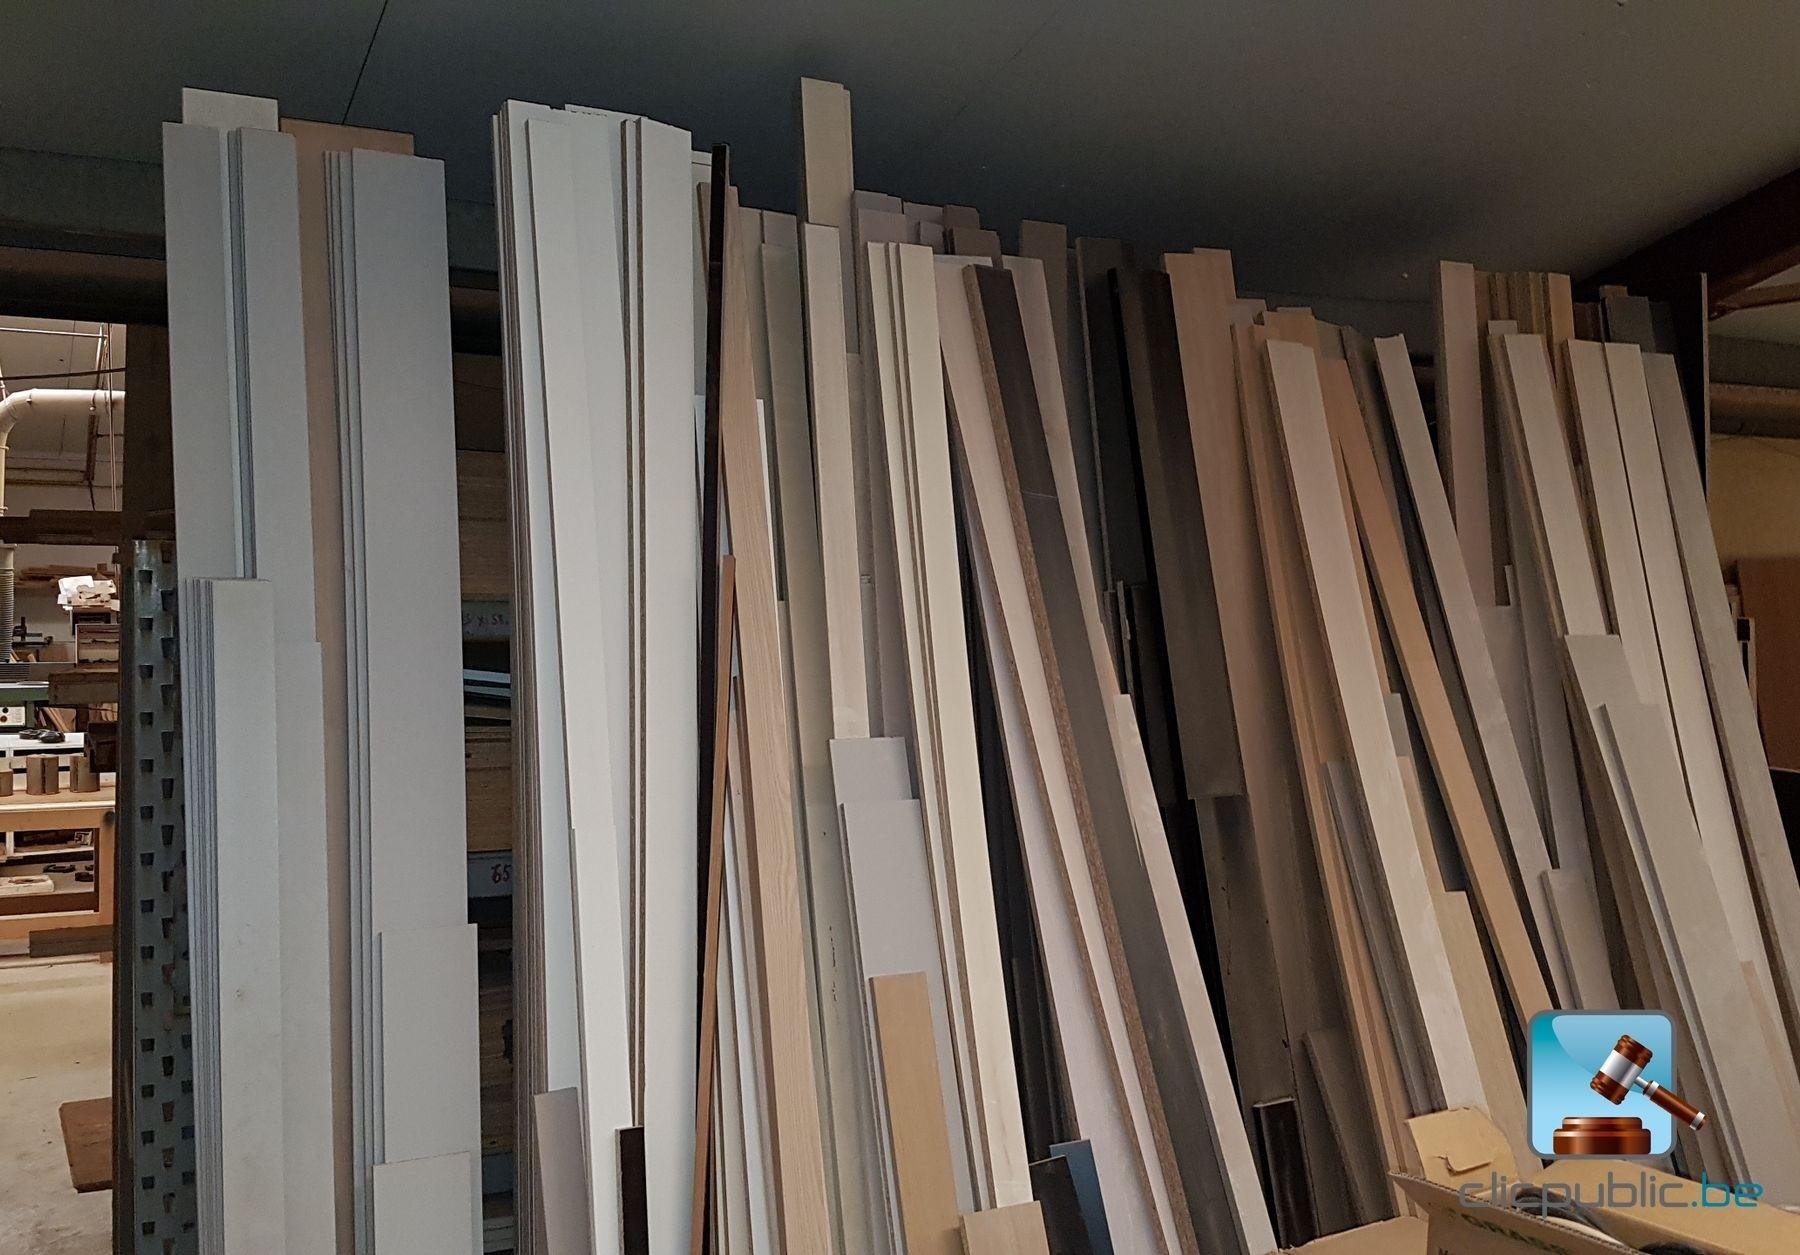 Chute De Bois A Vendre - Bois Important lot de panneaux de bois de format standart et hors format + grandes chutes de